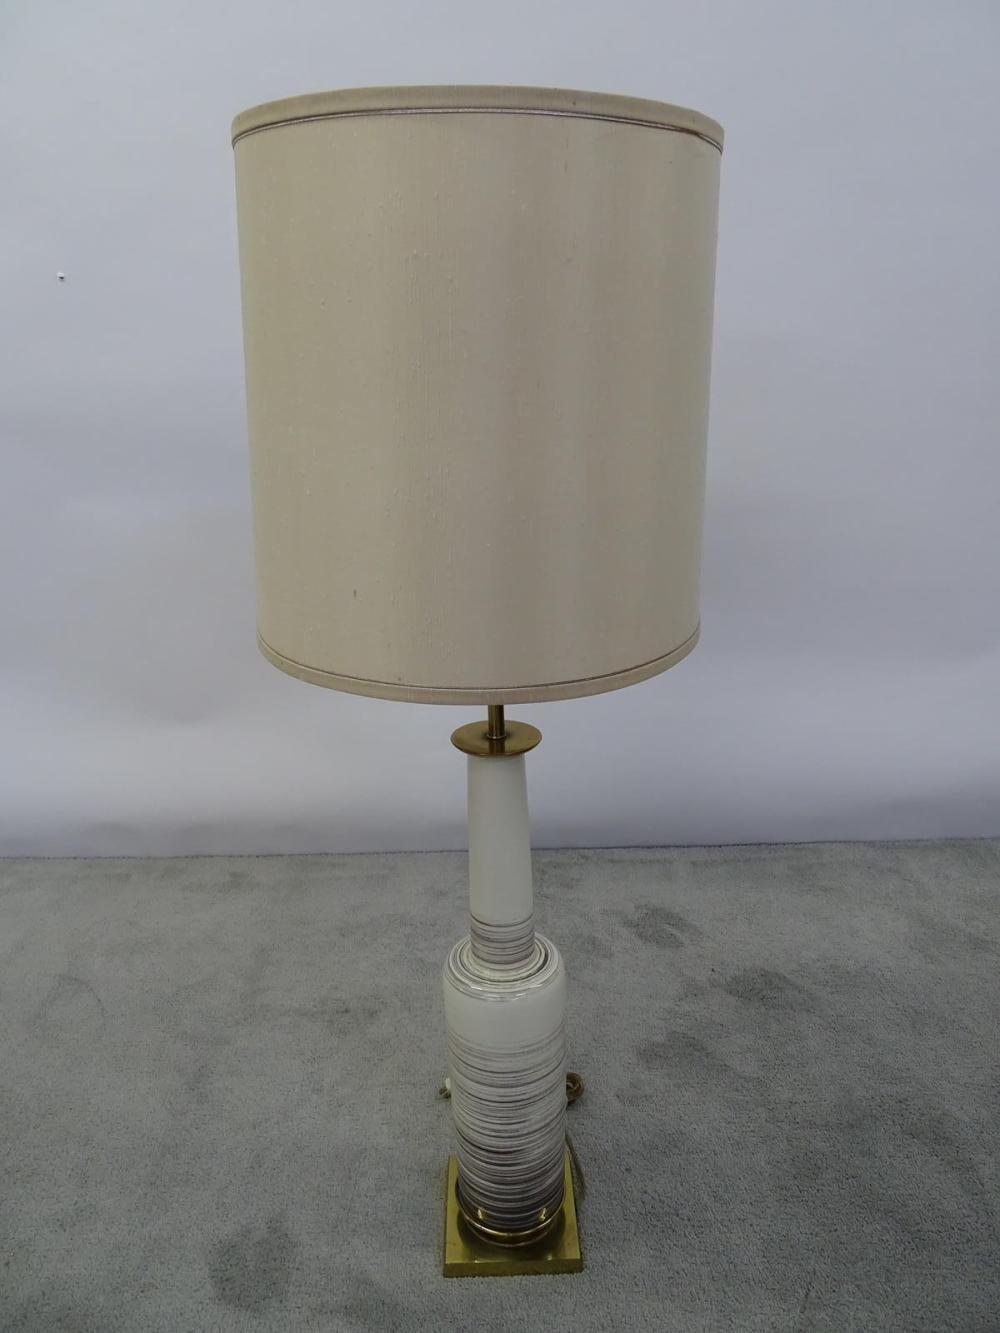 LARGE STIFFEL CERAMIC TABLE LAMP